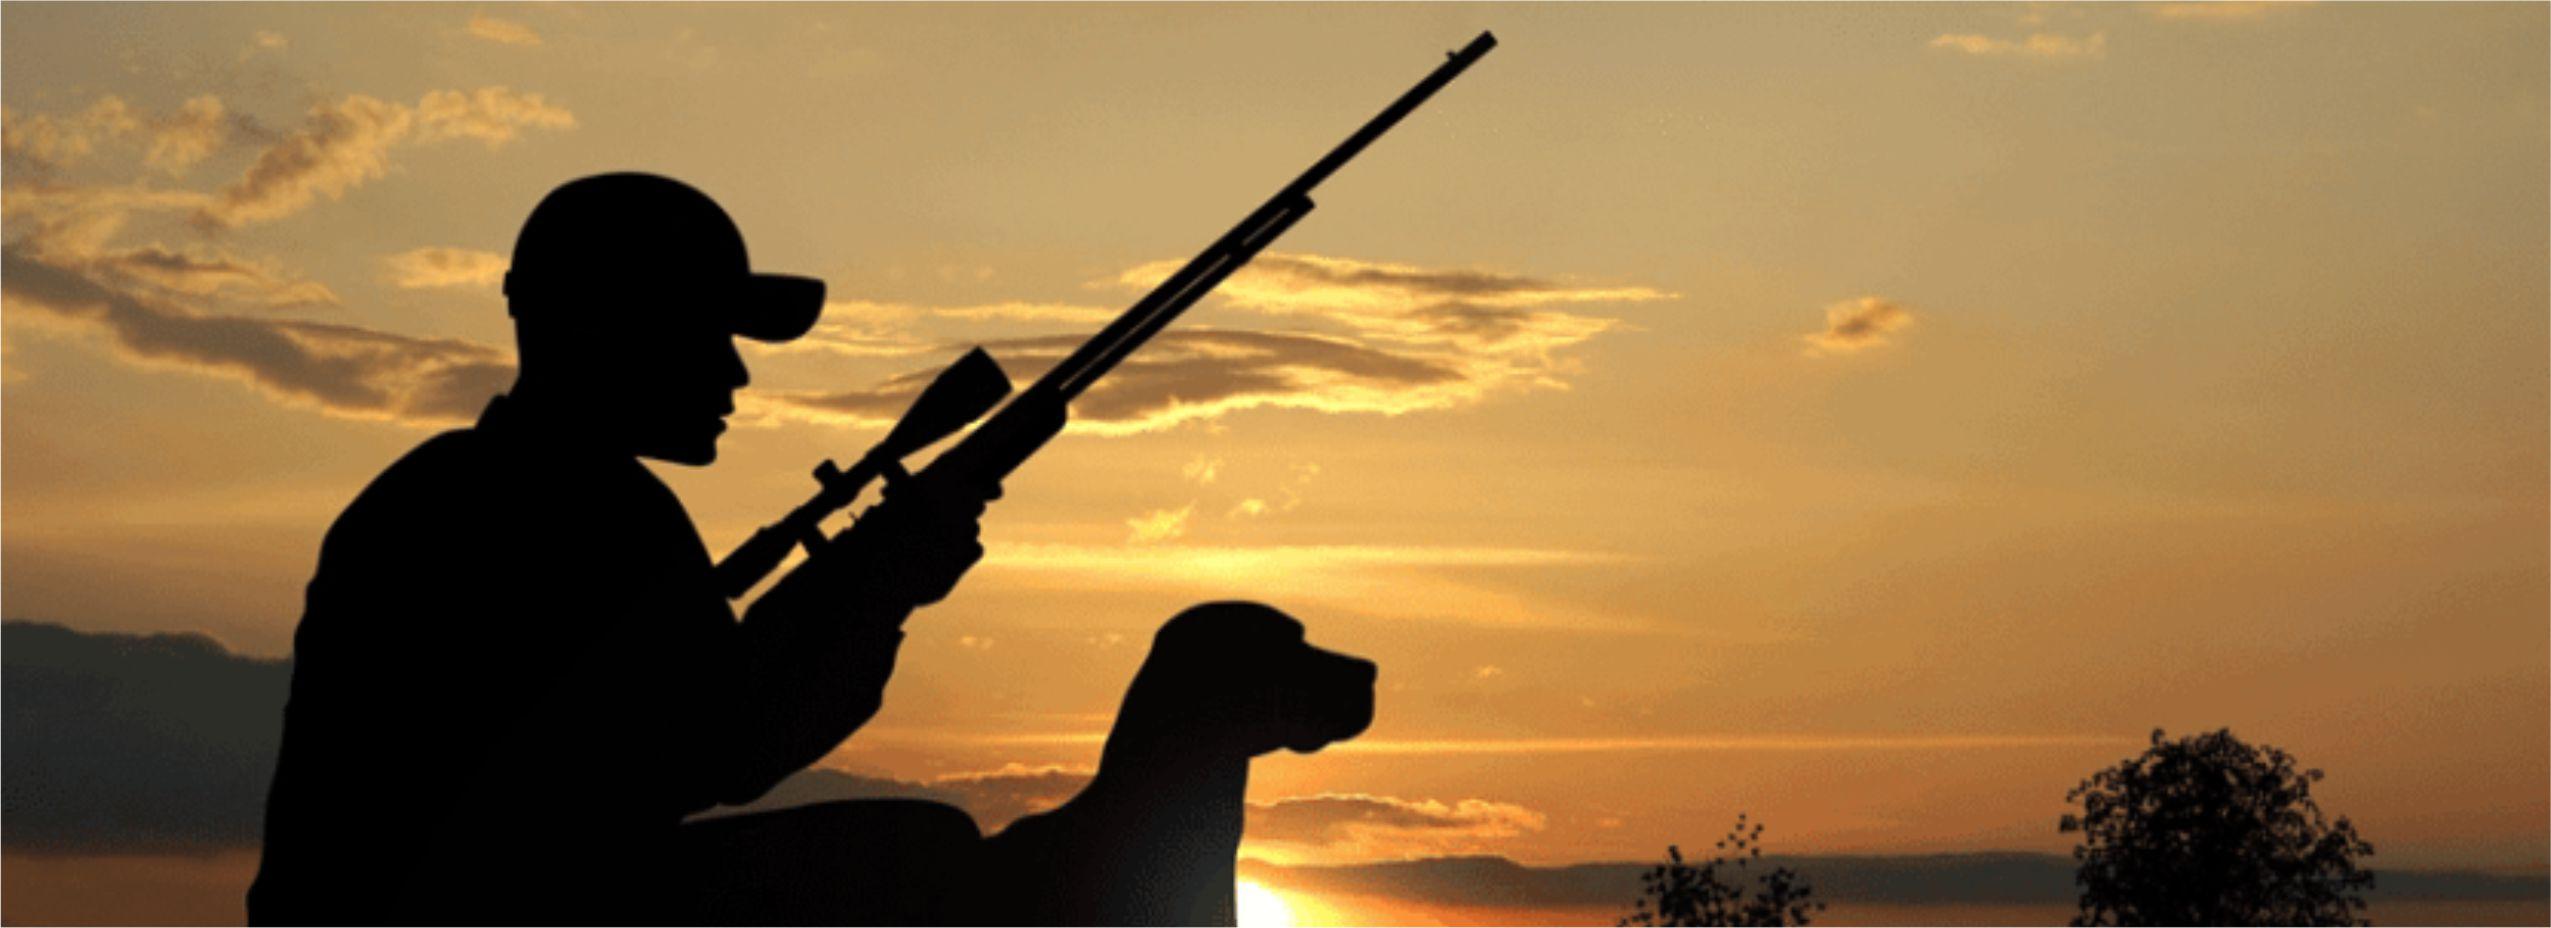 Avcı Basamağı Tespit ve İyileştirme Projesi